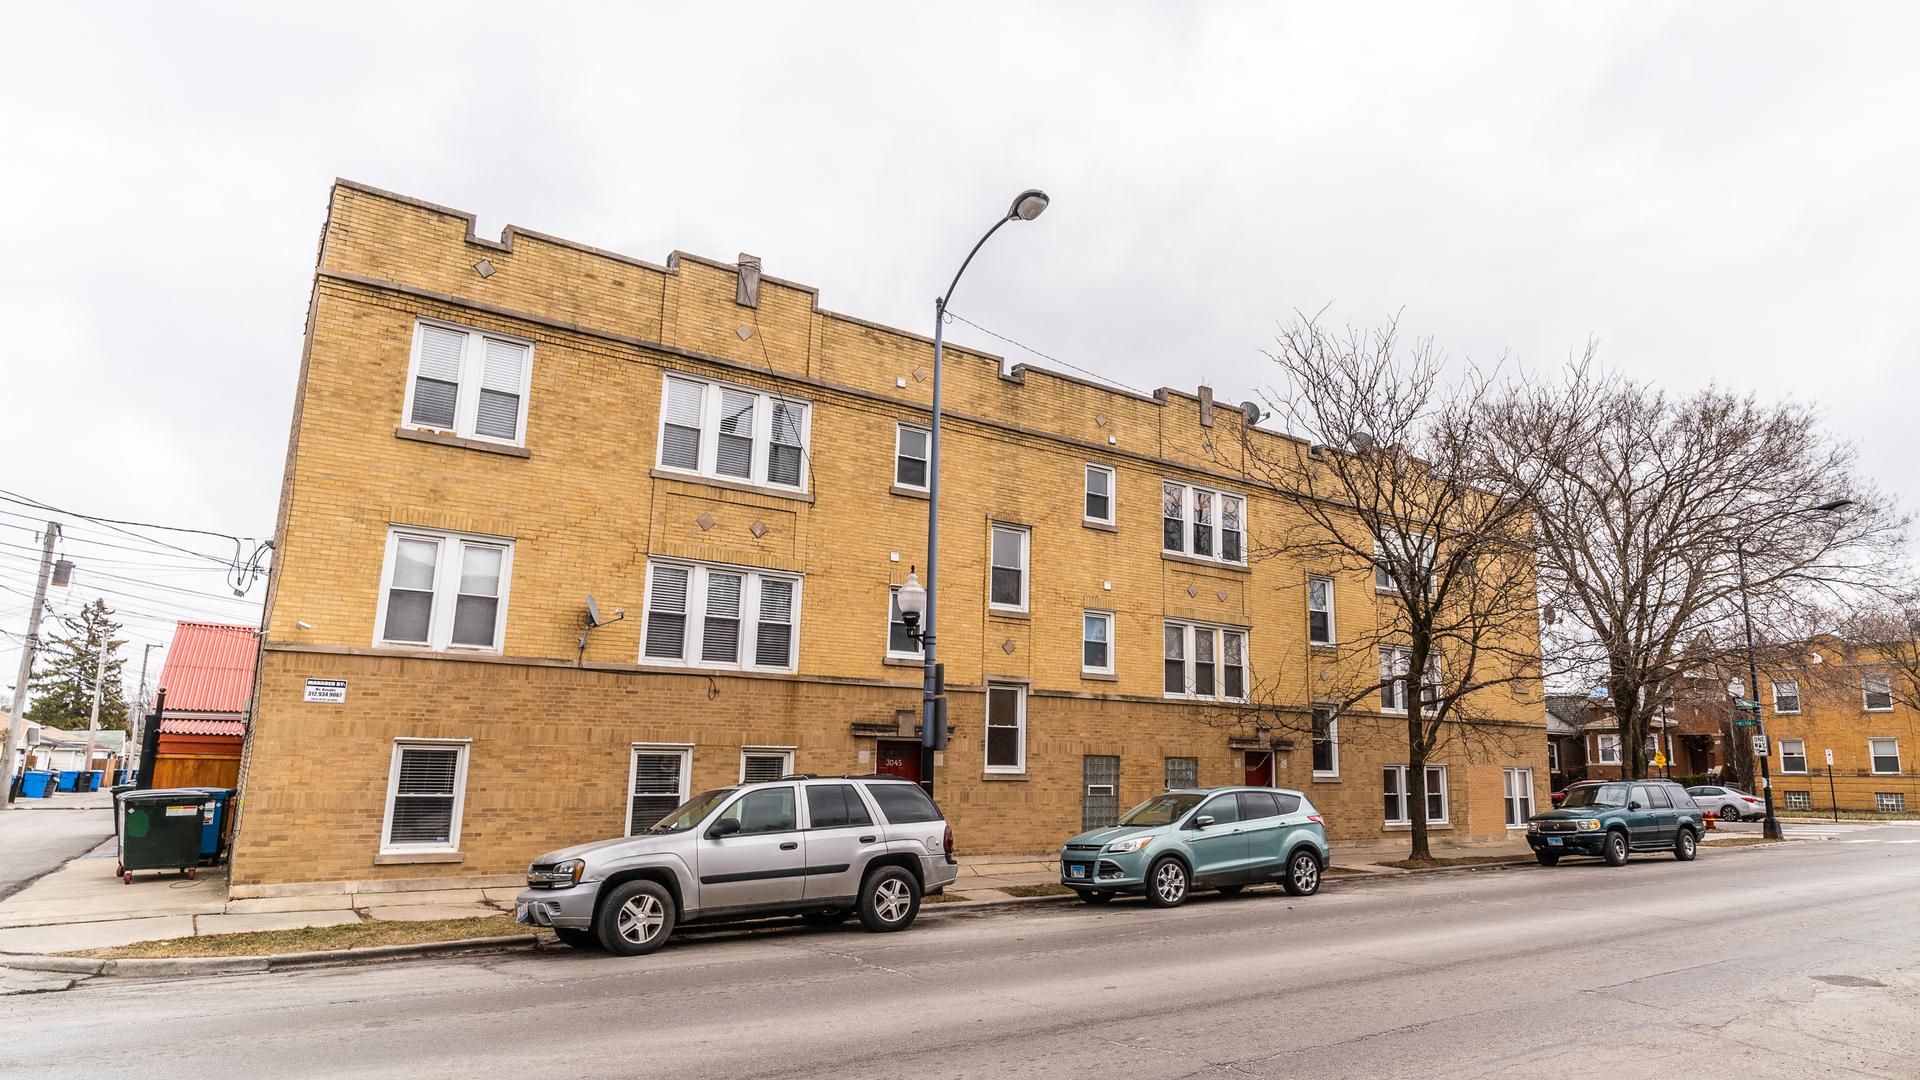 3045 Laramie Unit Unit 2 ,Chicago, Illinois 60641